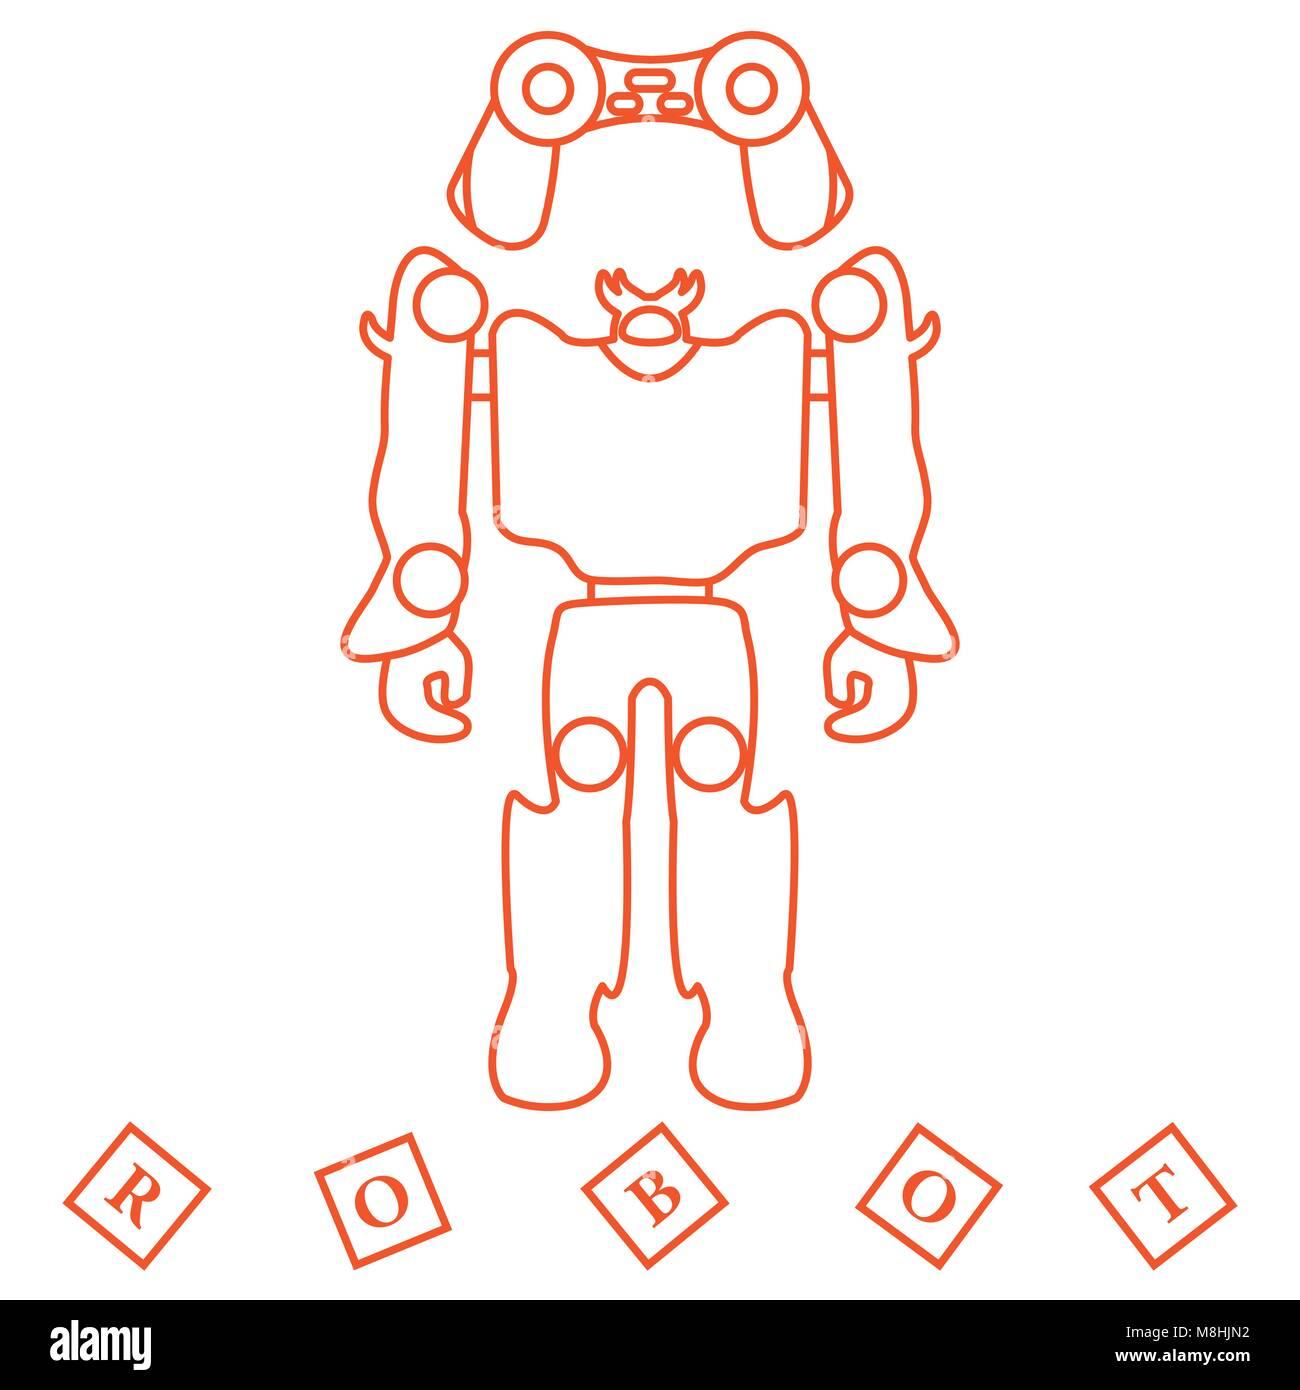 per bambinirobottelecomandodadidisegno per per per Giocattolo Giocattolo Giocattolo bambinirobottelecomandodadidisegno Giocattolo bambinirobottelecomandodadidisegno 3j54ARL